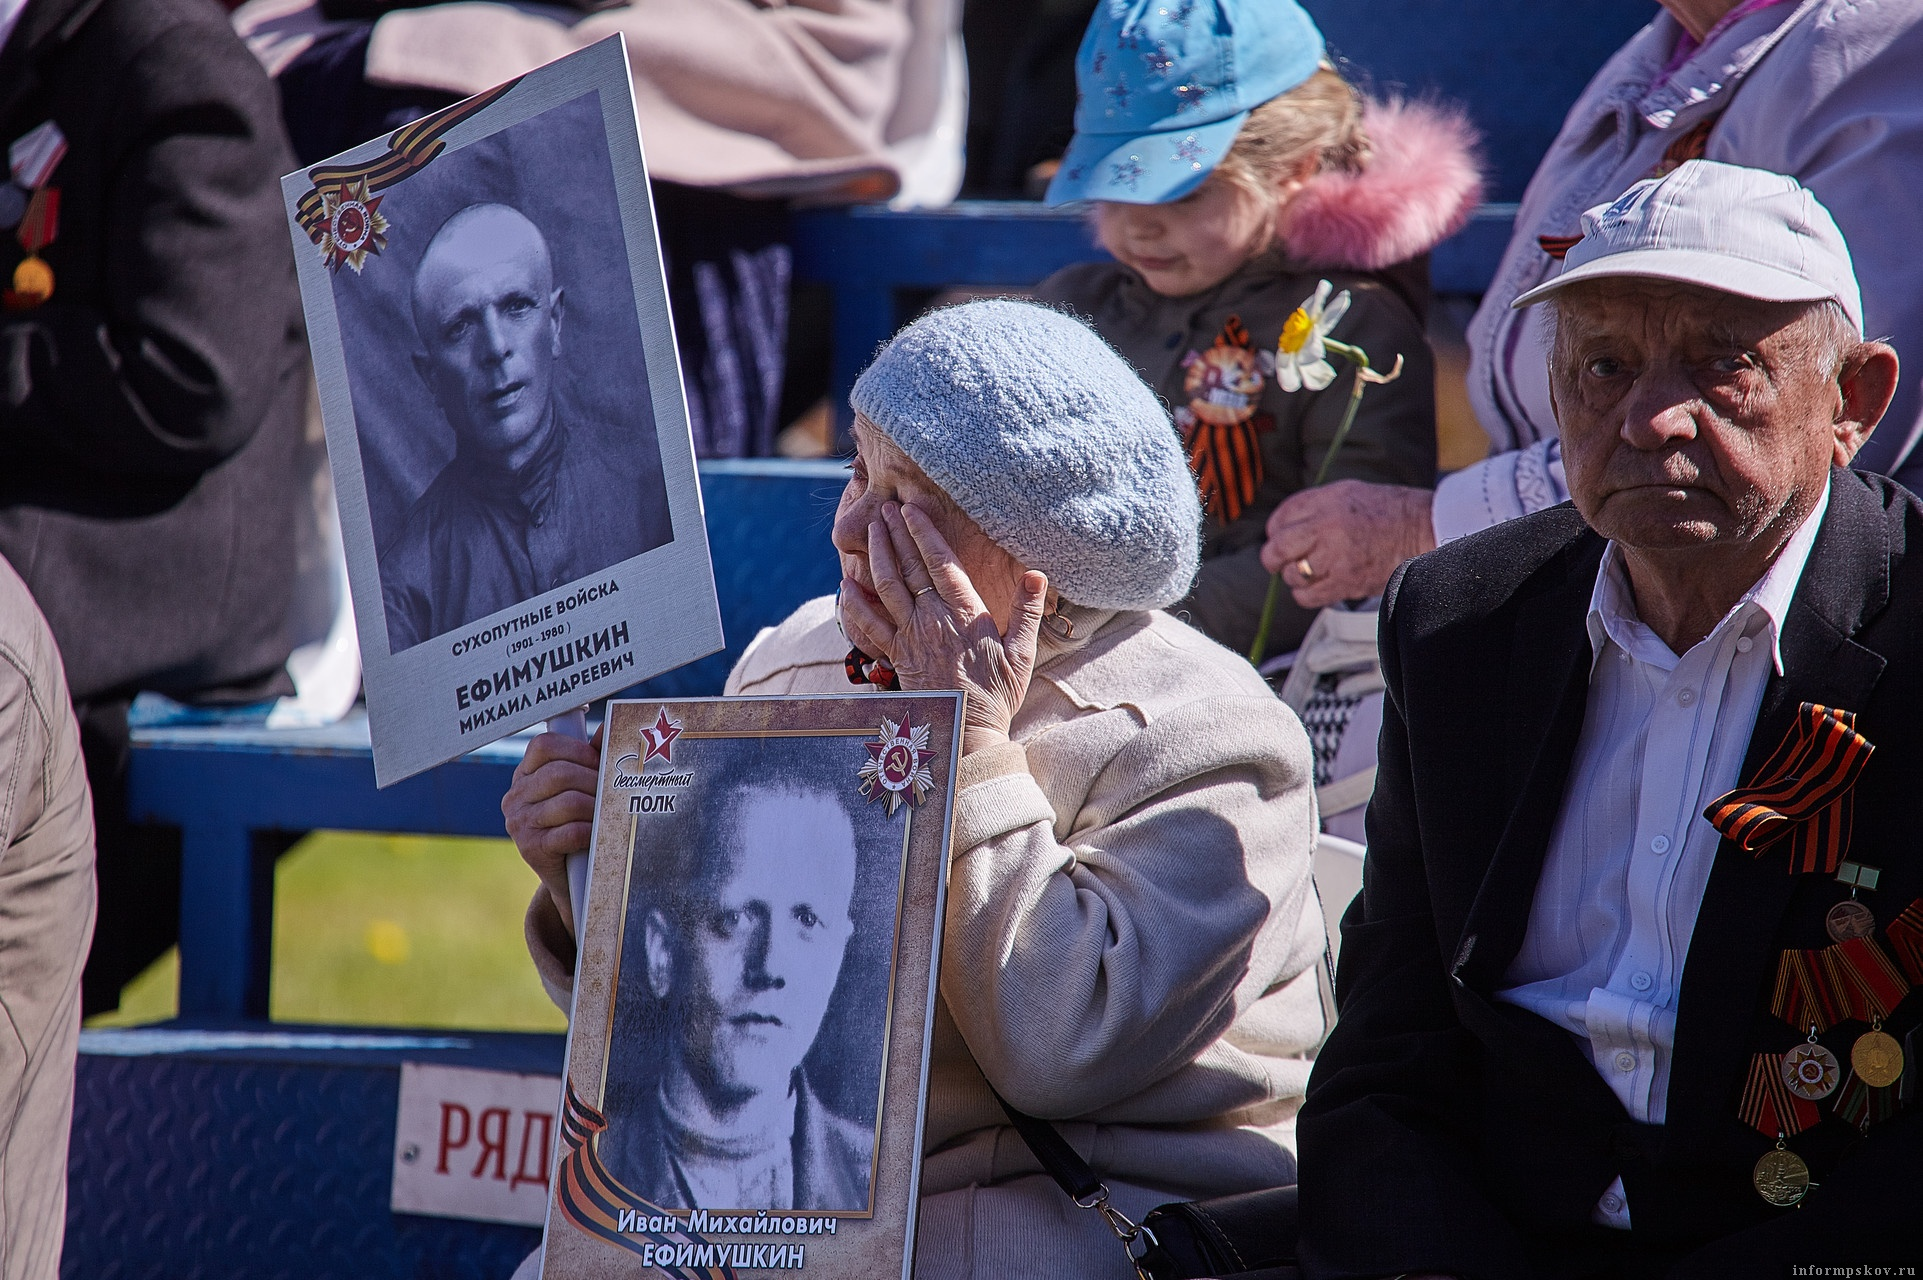 Парад Победы в Пскове. Фото Дарьи Хватковой